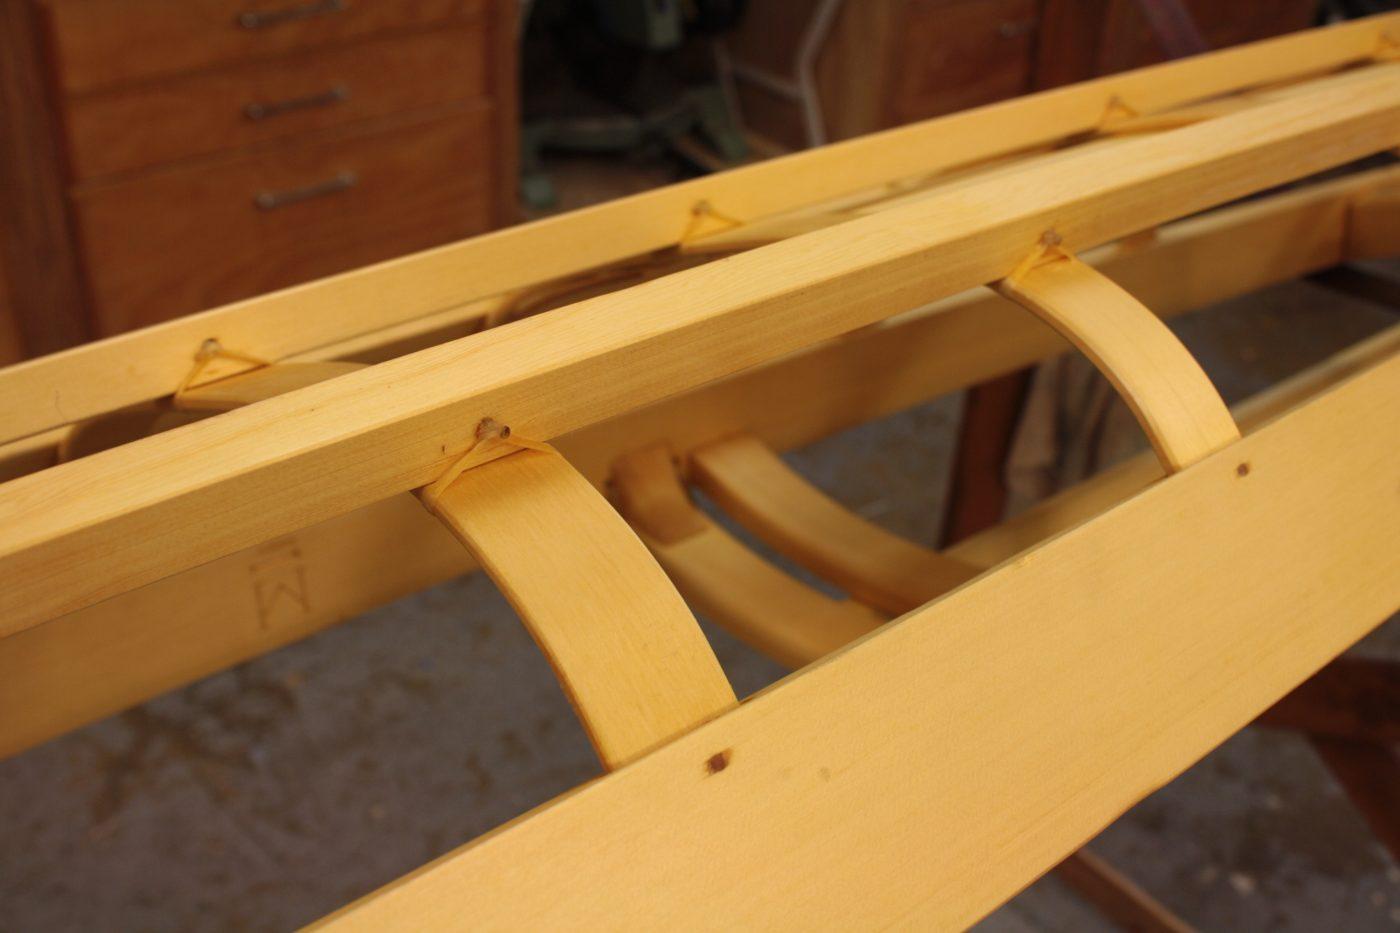 Greenland kayak frame detail